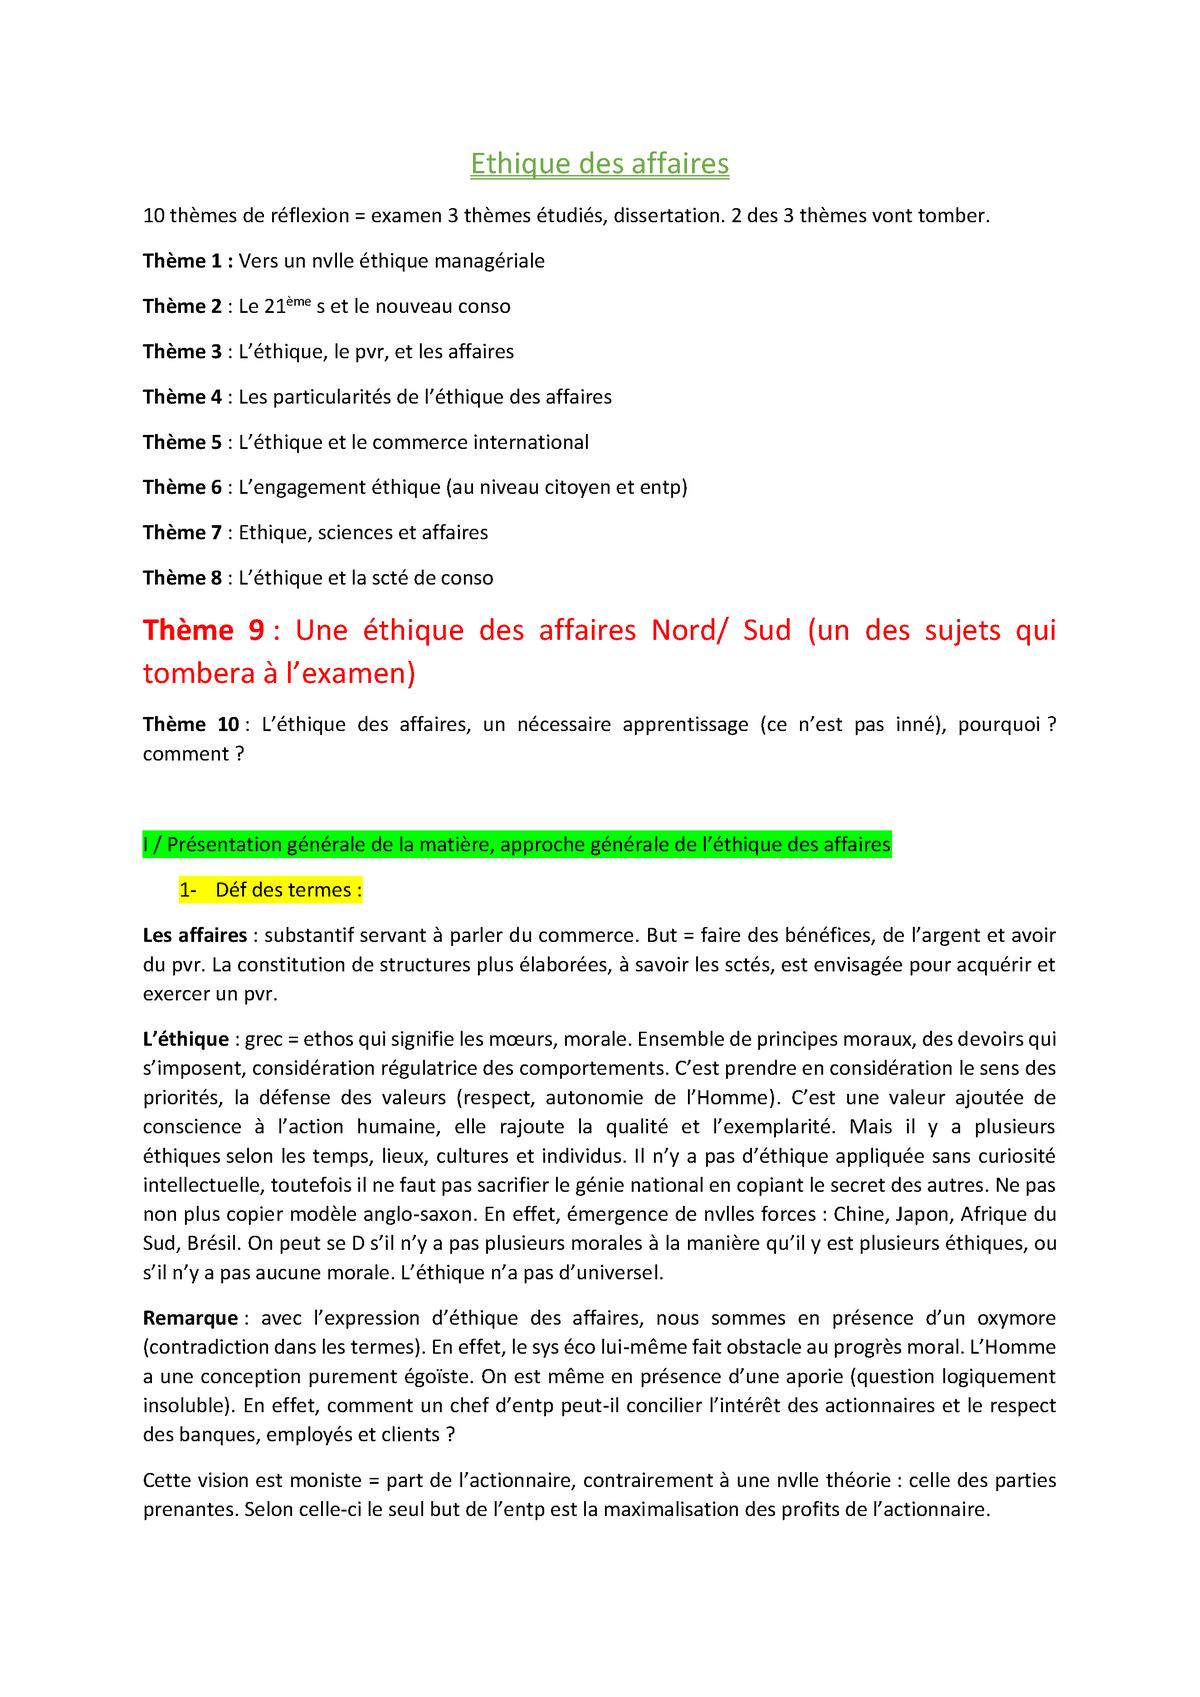 Dissertation ethique et entreprise